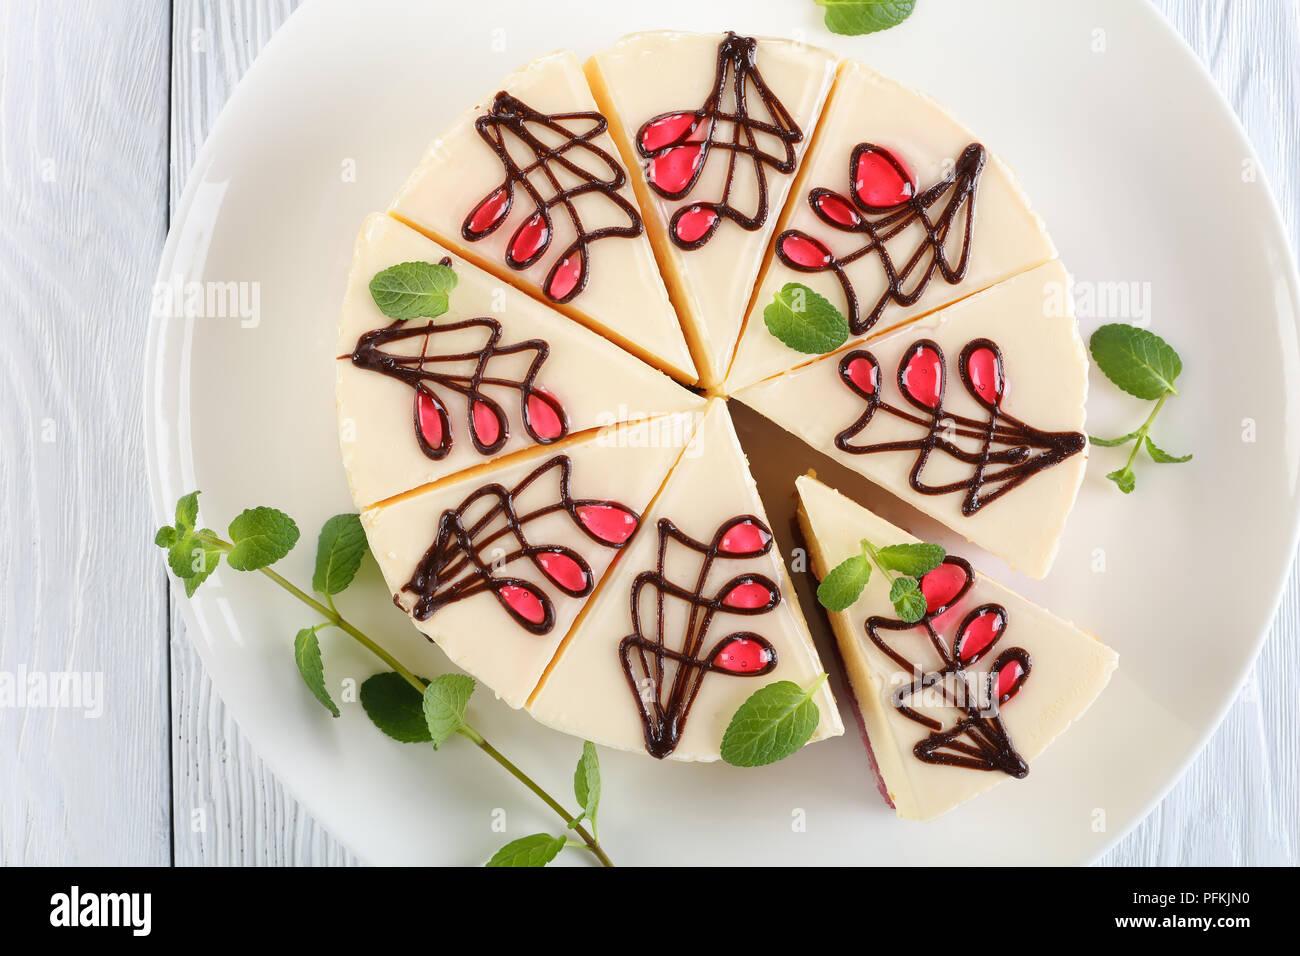 In der Nähe von köstlichen kunstvoll mit Schokolade verziert und Gelee Käsekuchen mit frischen grünen Minze auf weißen platter auf Holztisch, horizontale Ansicht f Stockbild